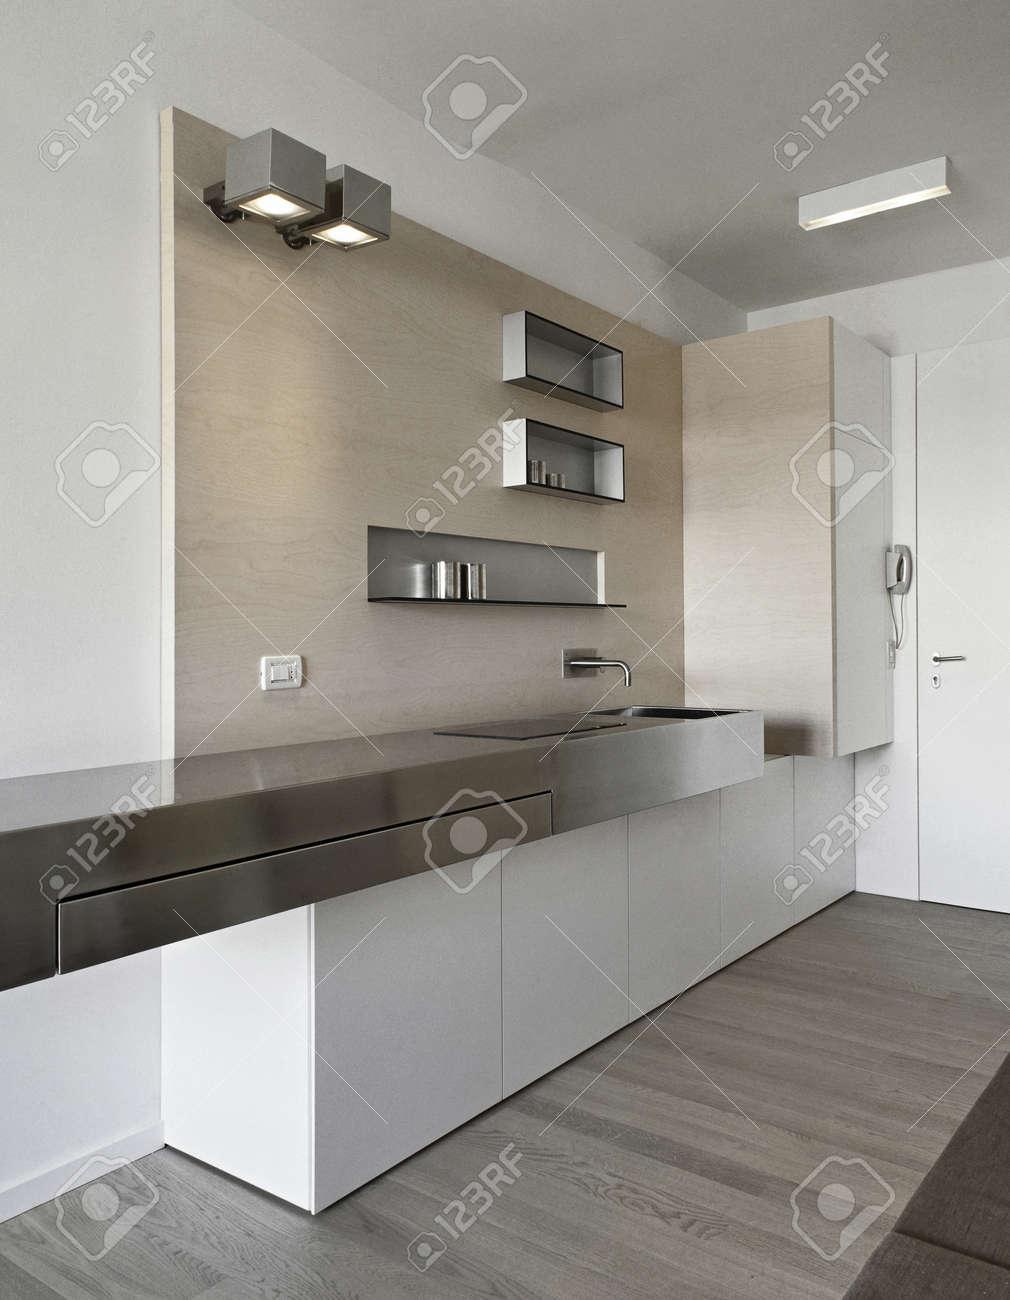 Moderne keuken in entree met houten vloer royalty vrije foto ...